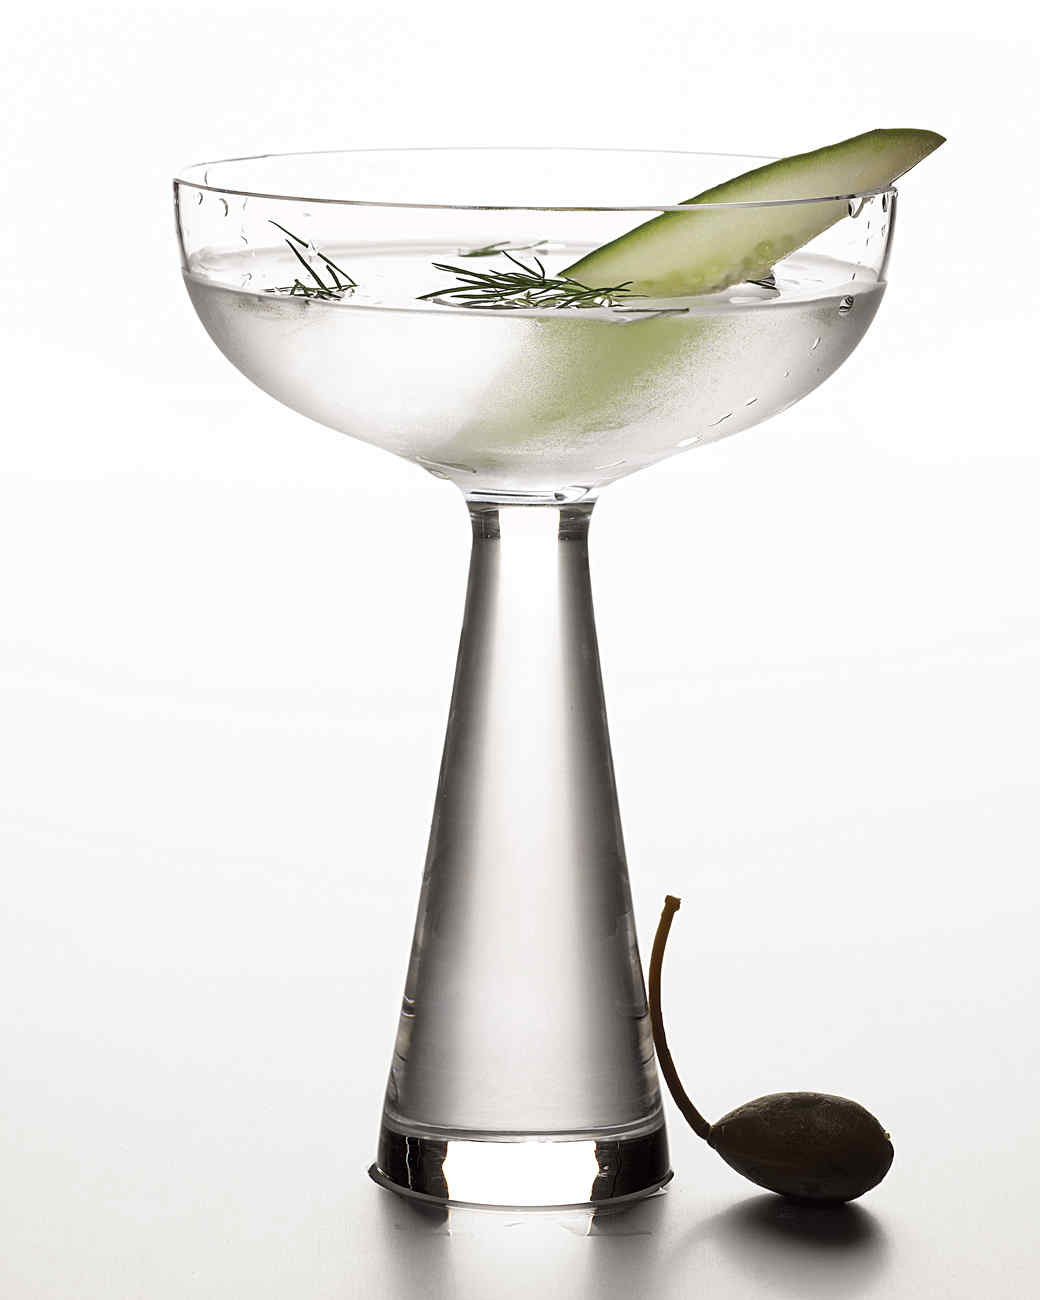 mbp103245_foo_martini.jpg